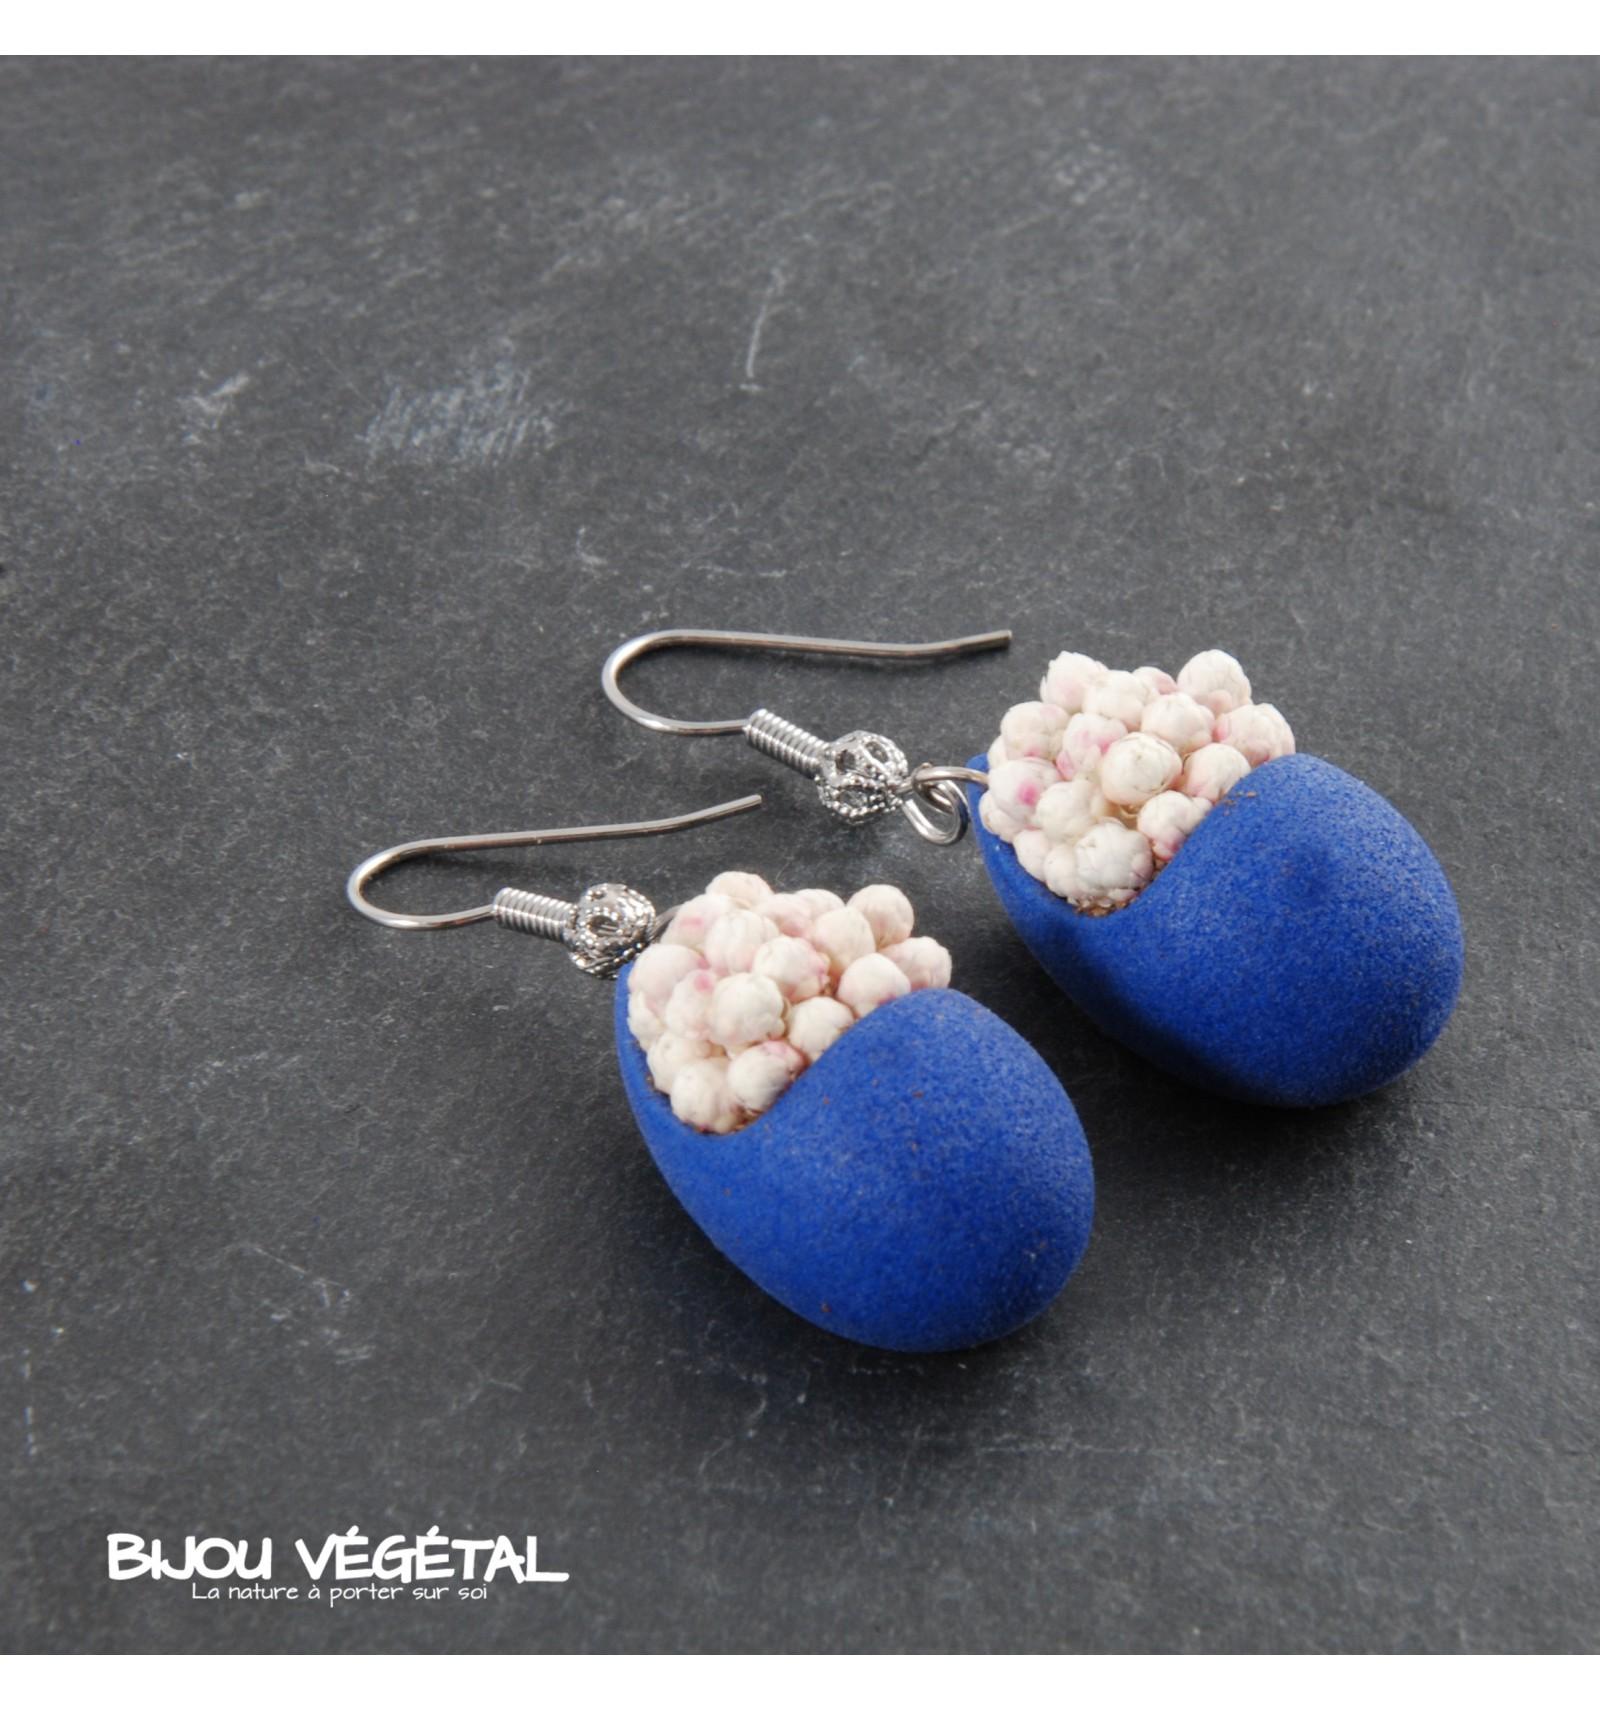 Živé šperky - Náušnice Slza modré s trvalými bílými květy